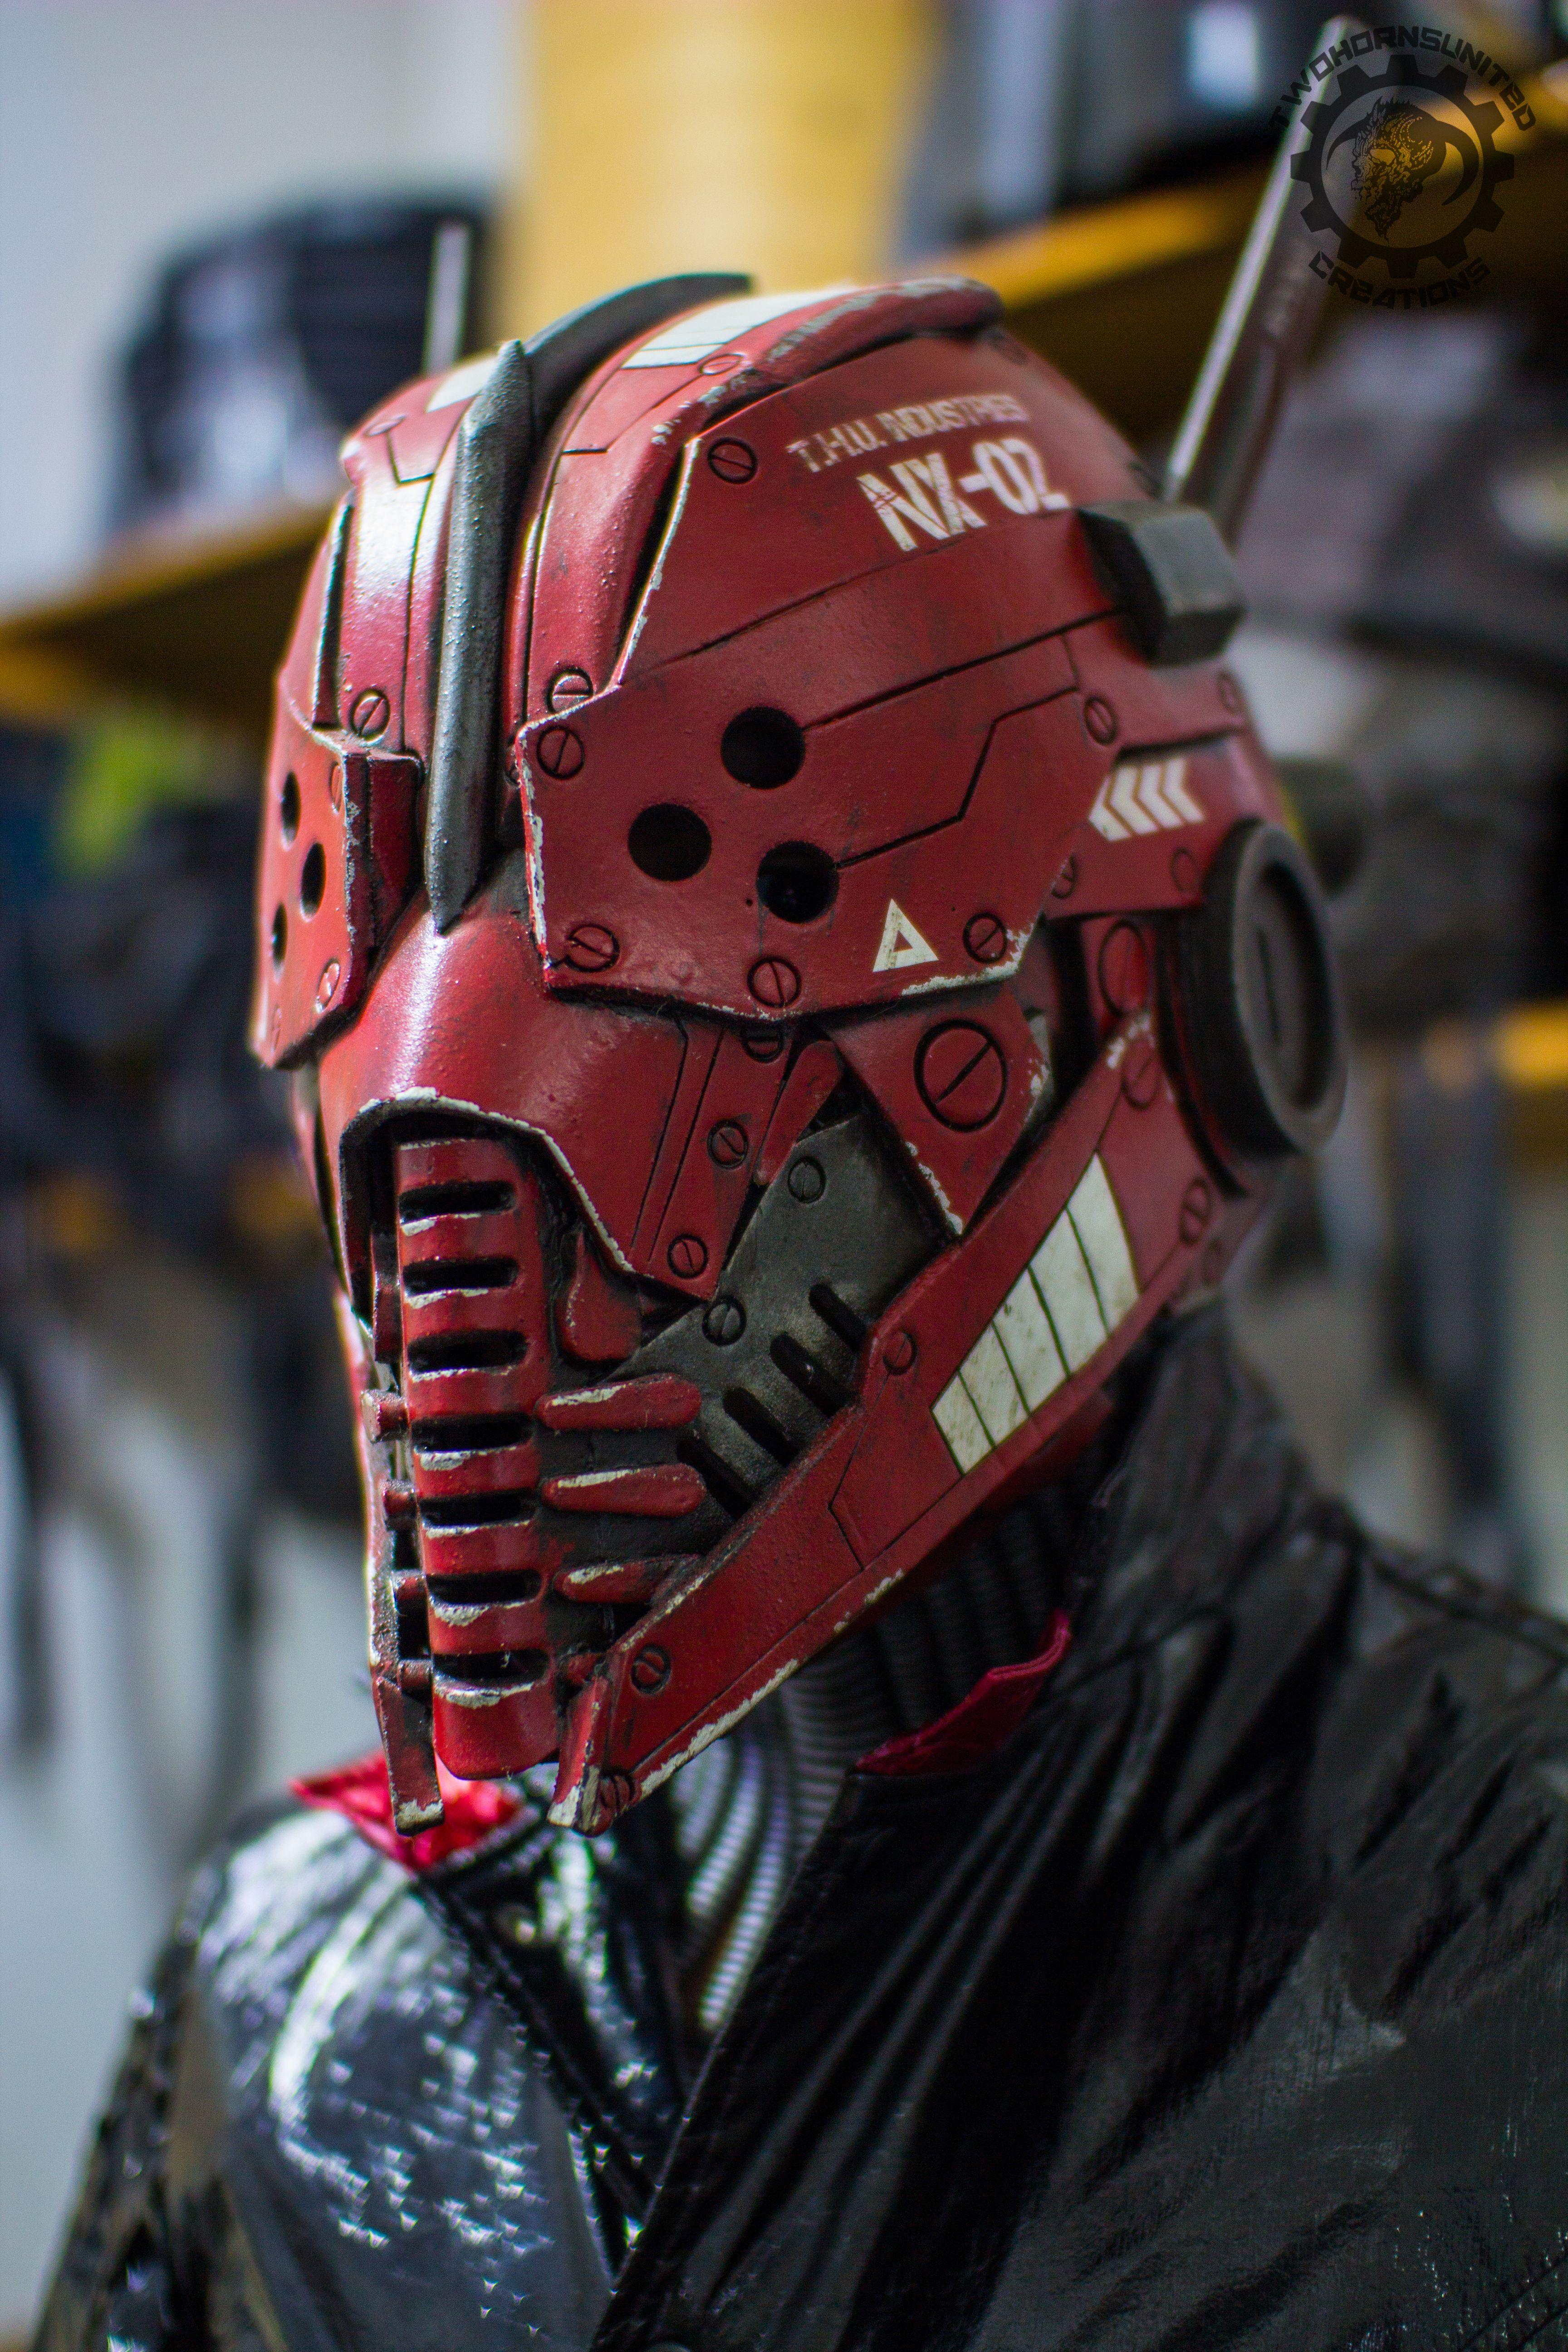 Xenogeist ''Terra'' Variant cyberpunk LED mask…